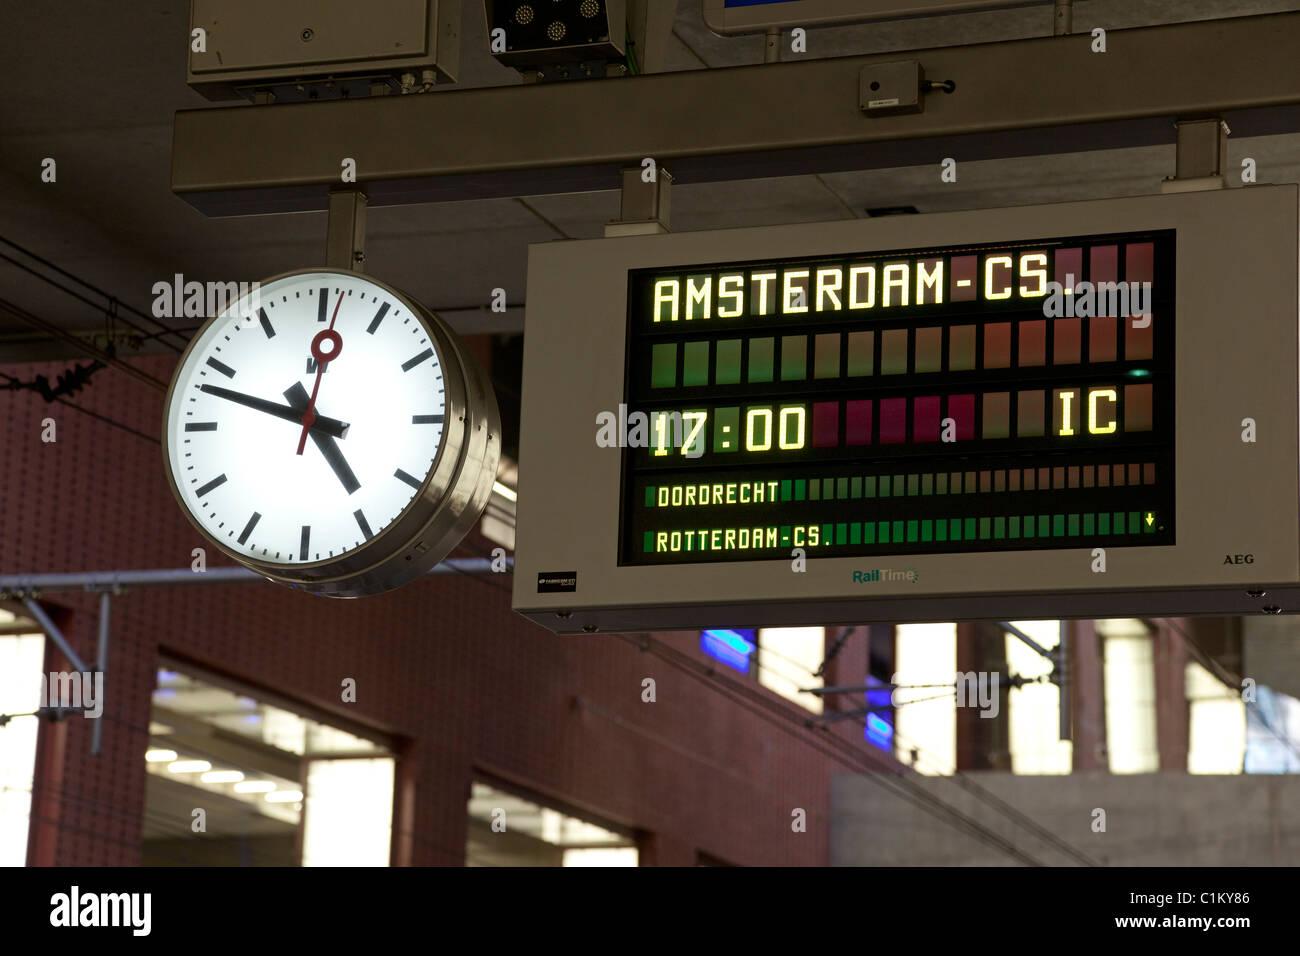 Signo de estación a Amsterdam con reloj Imagen De Stock